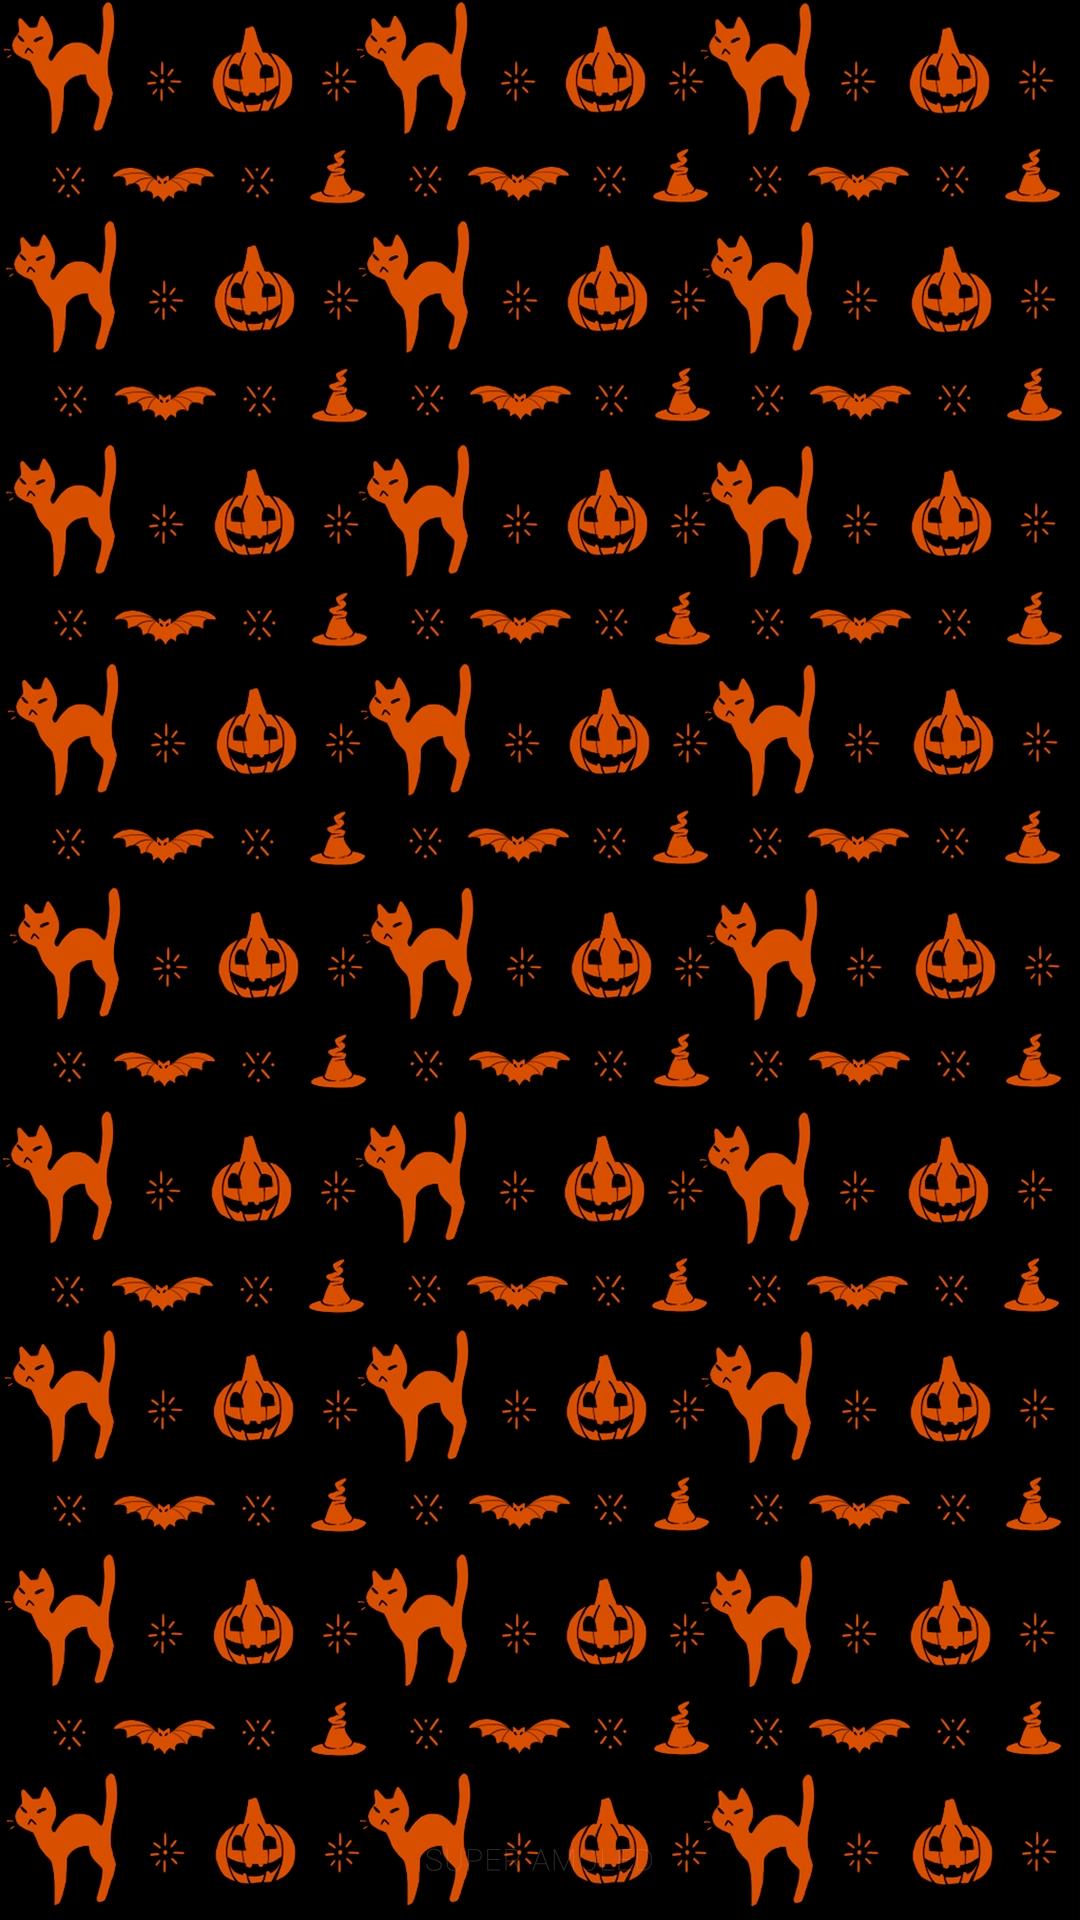 Free Download Top 10 Best Halloween Wallpapers Halloween